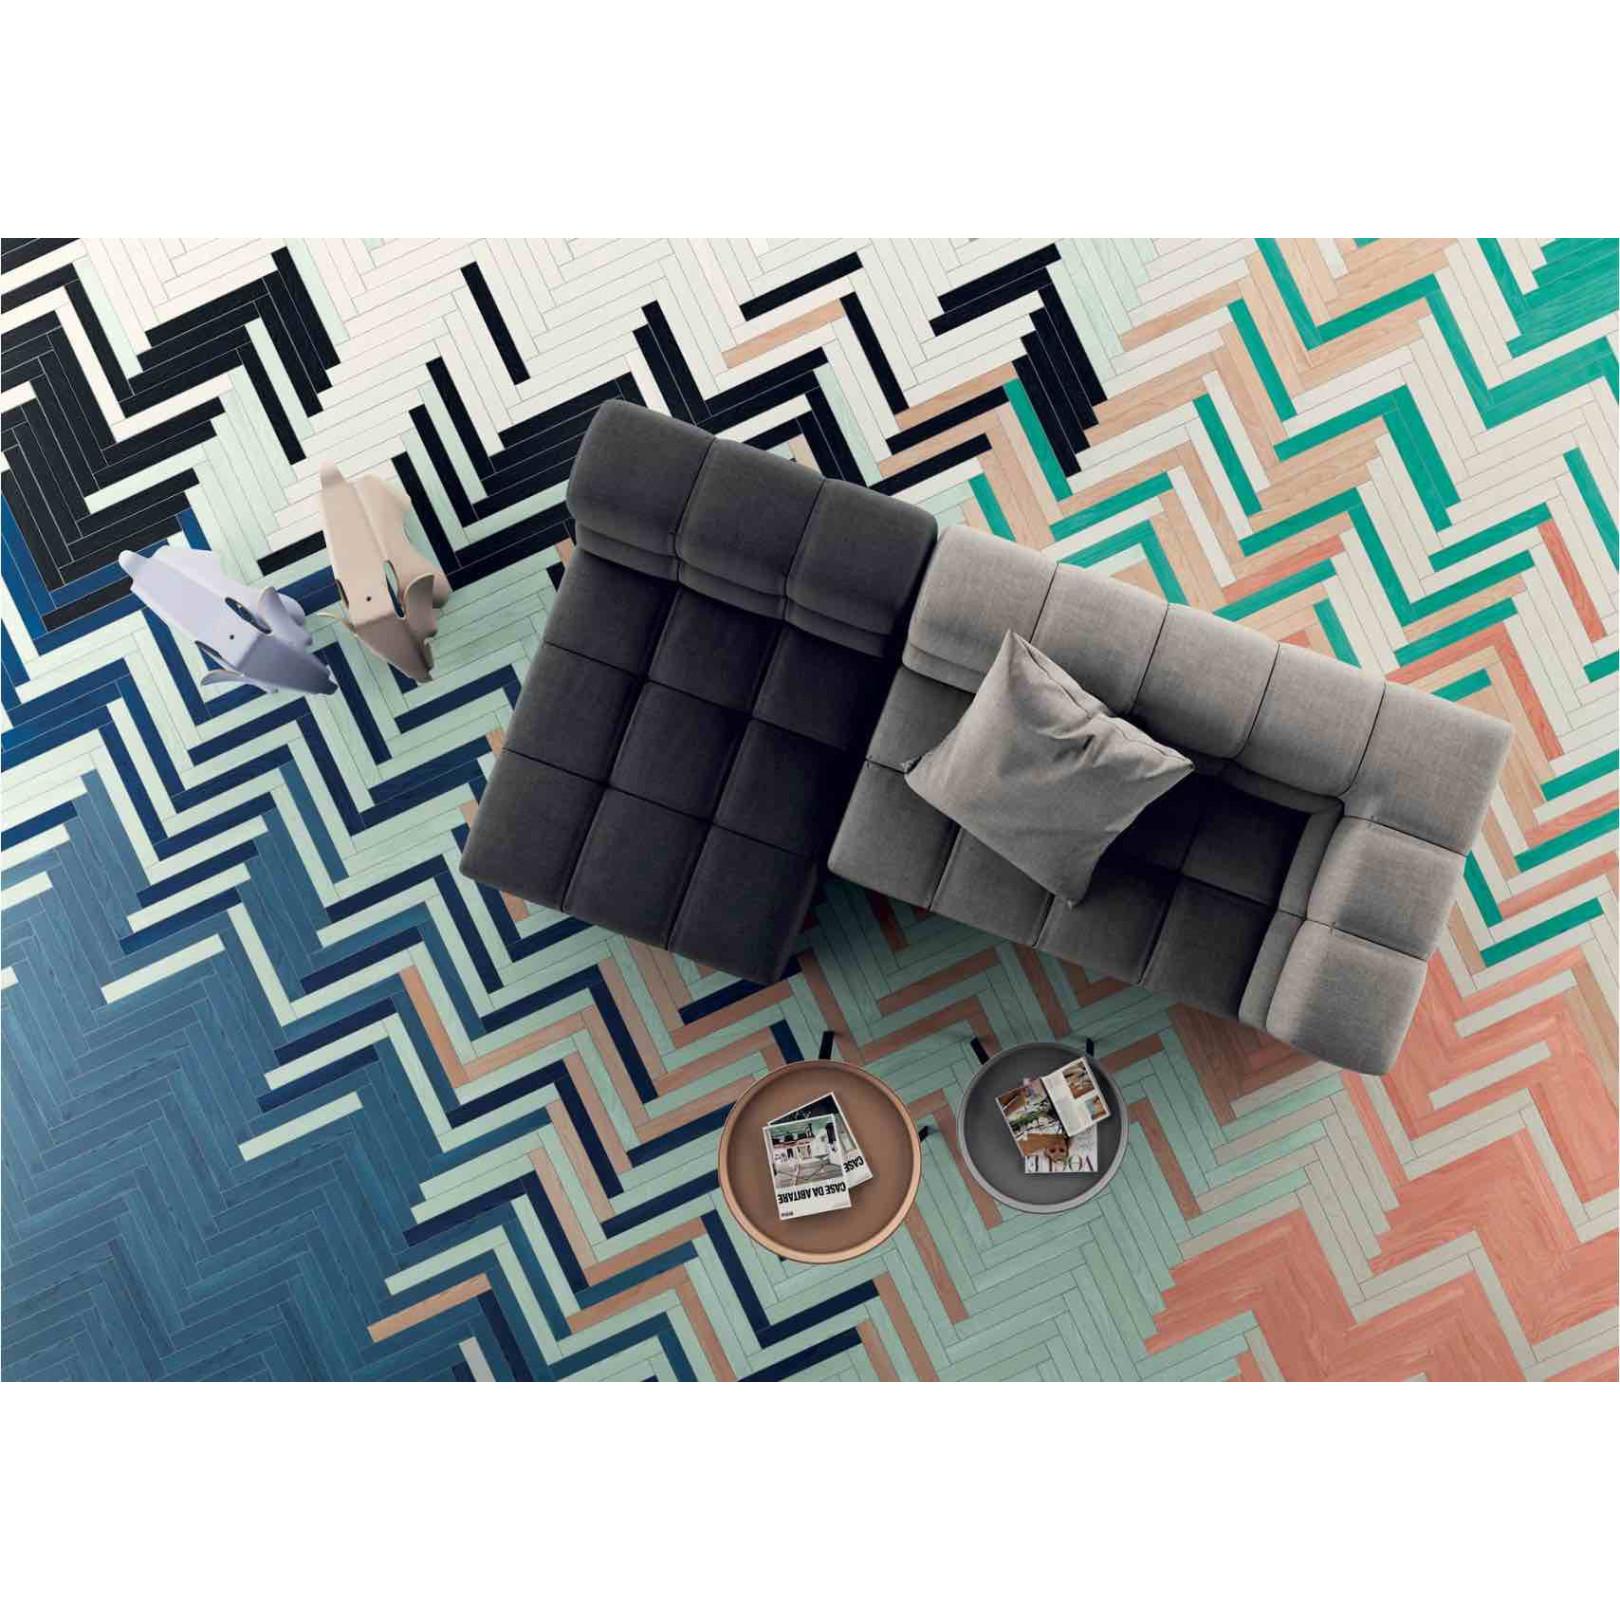 Carrelage grès cérame effet bois coloré Technicolor (18 couleurs)